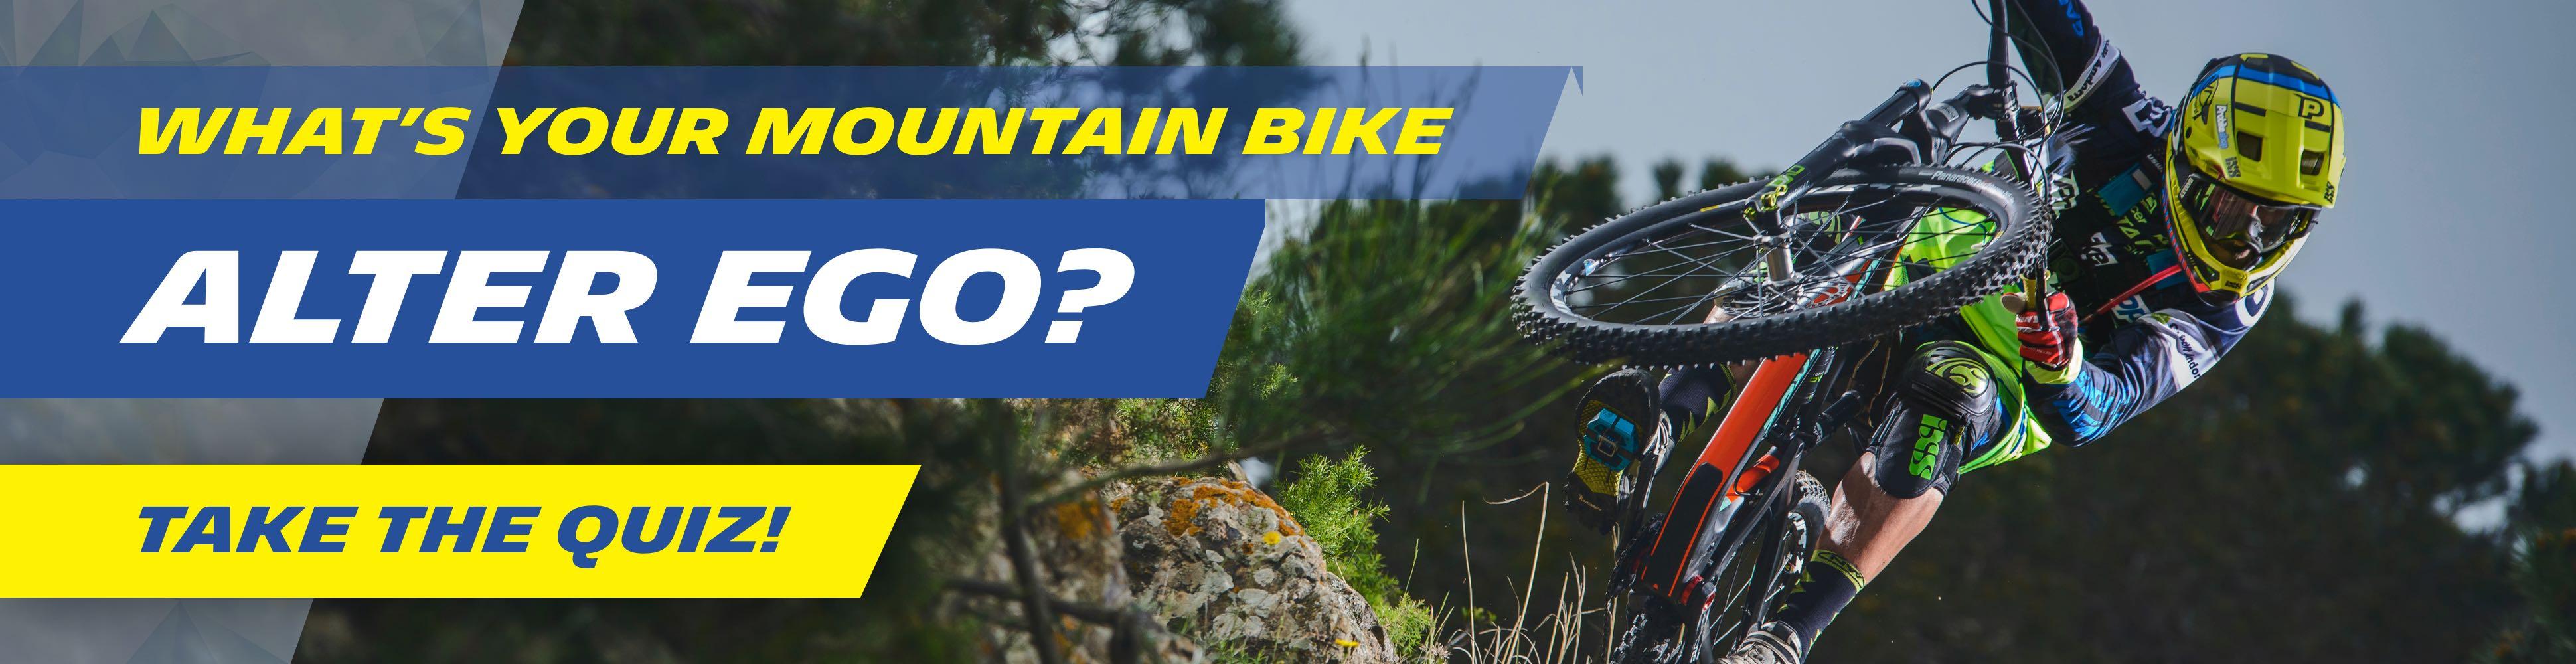 mountain bike quiz